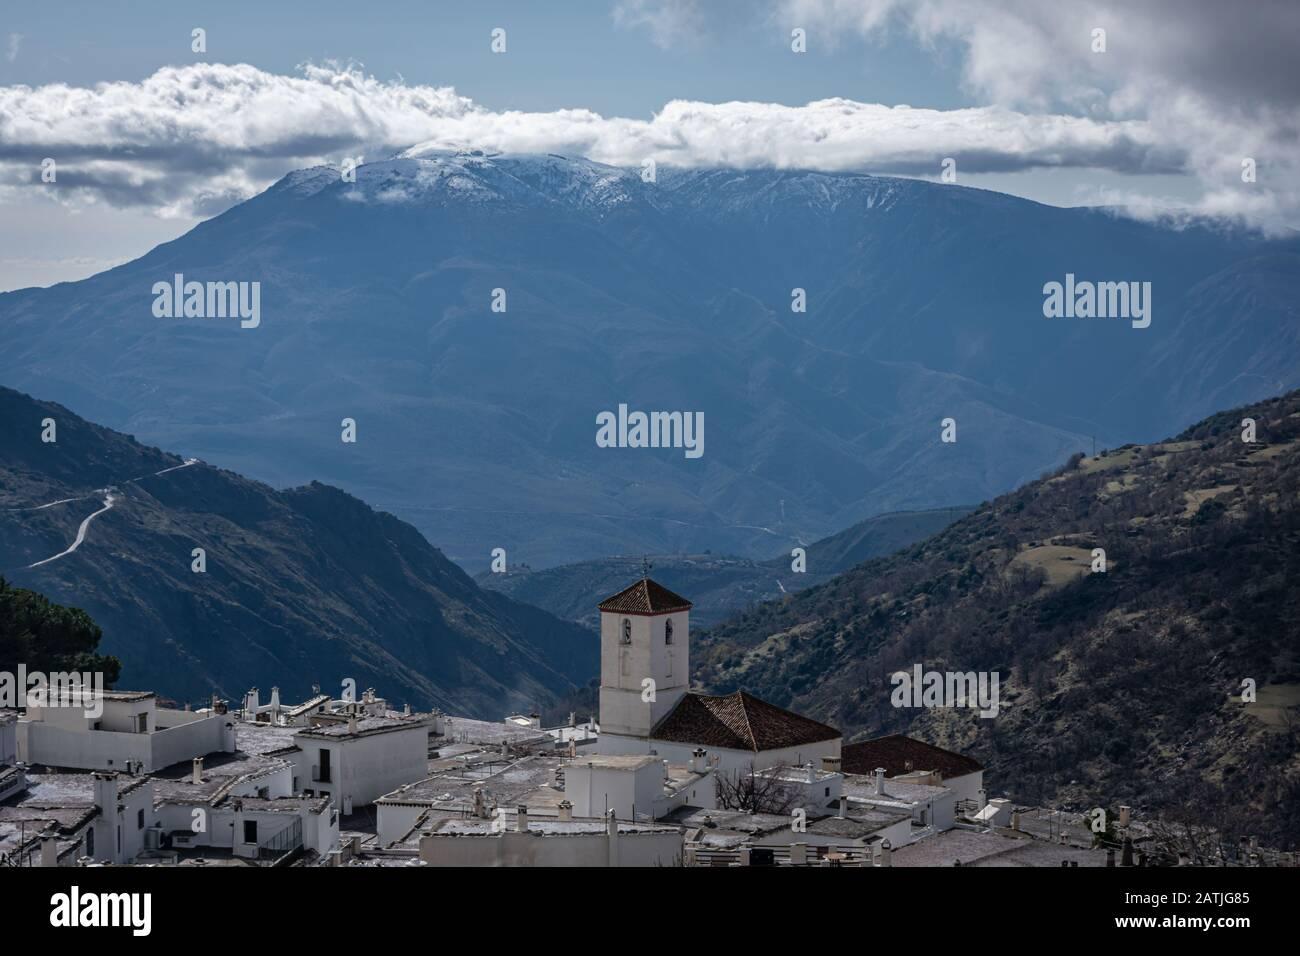 Paysage d'un village dans les hautes montagnes avec le clocher de l'église en dehors Banque D'Images